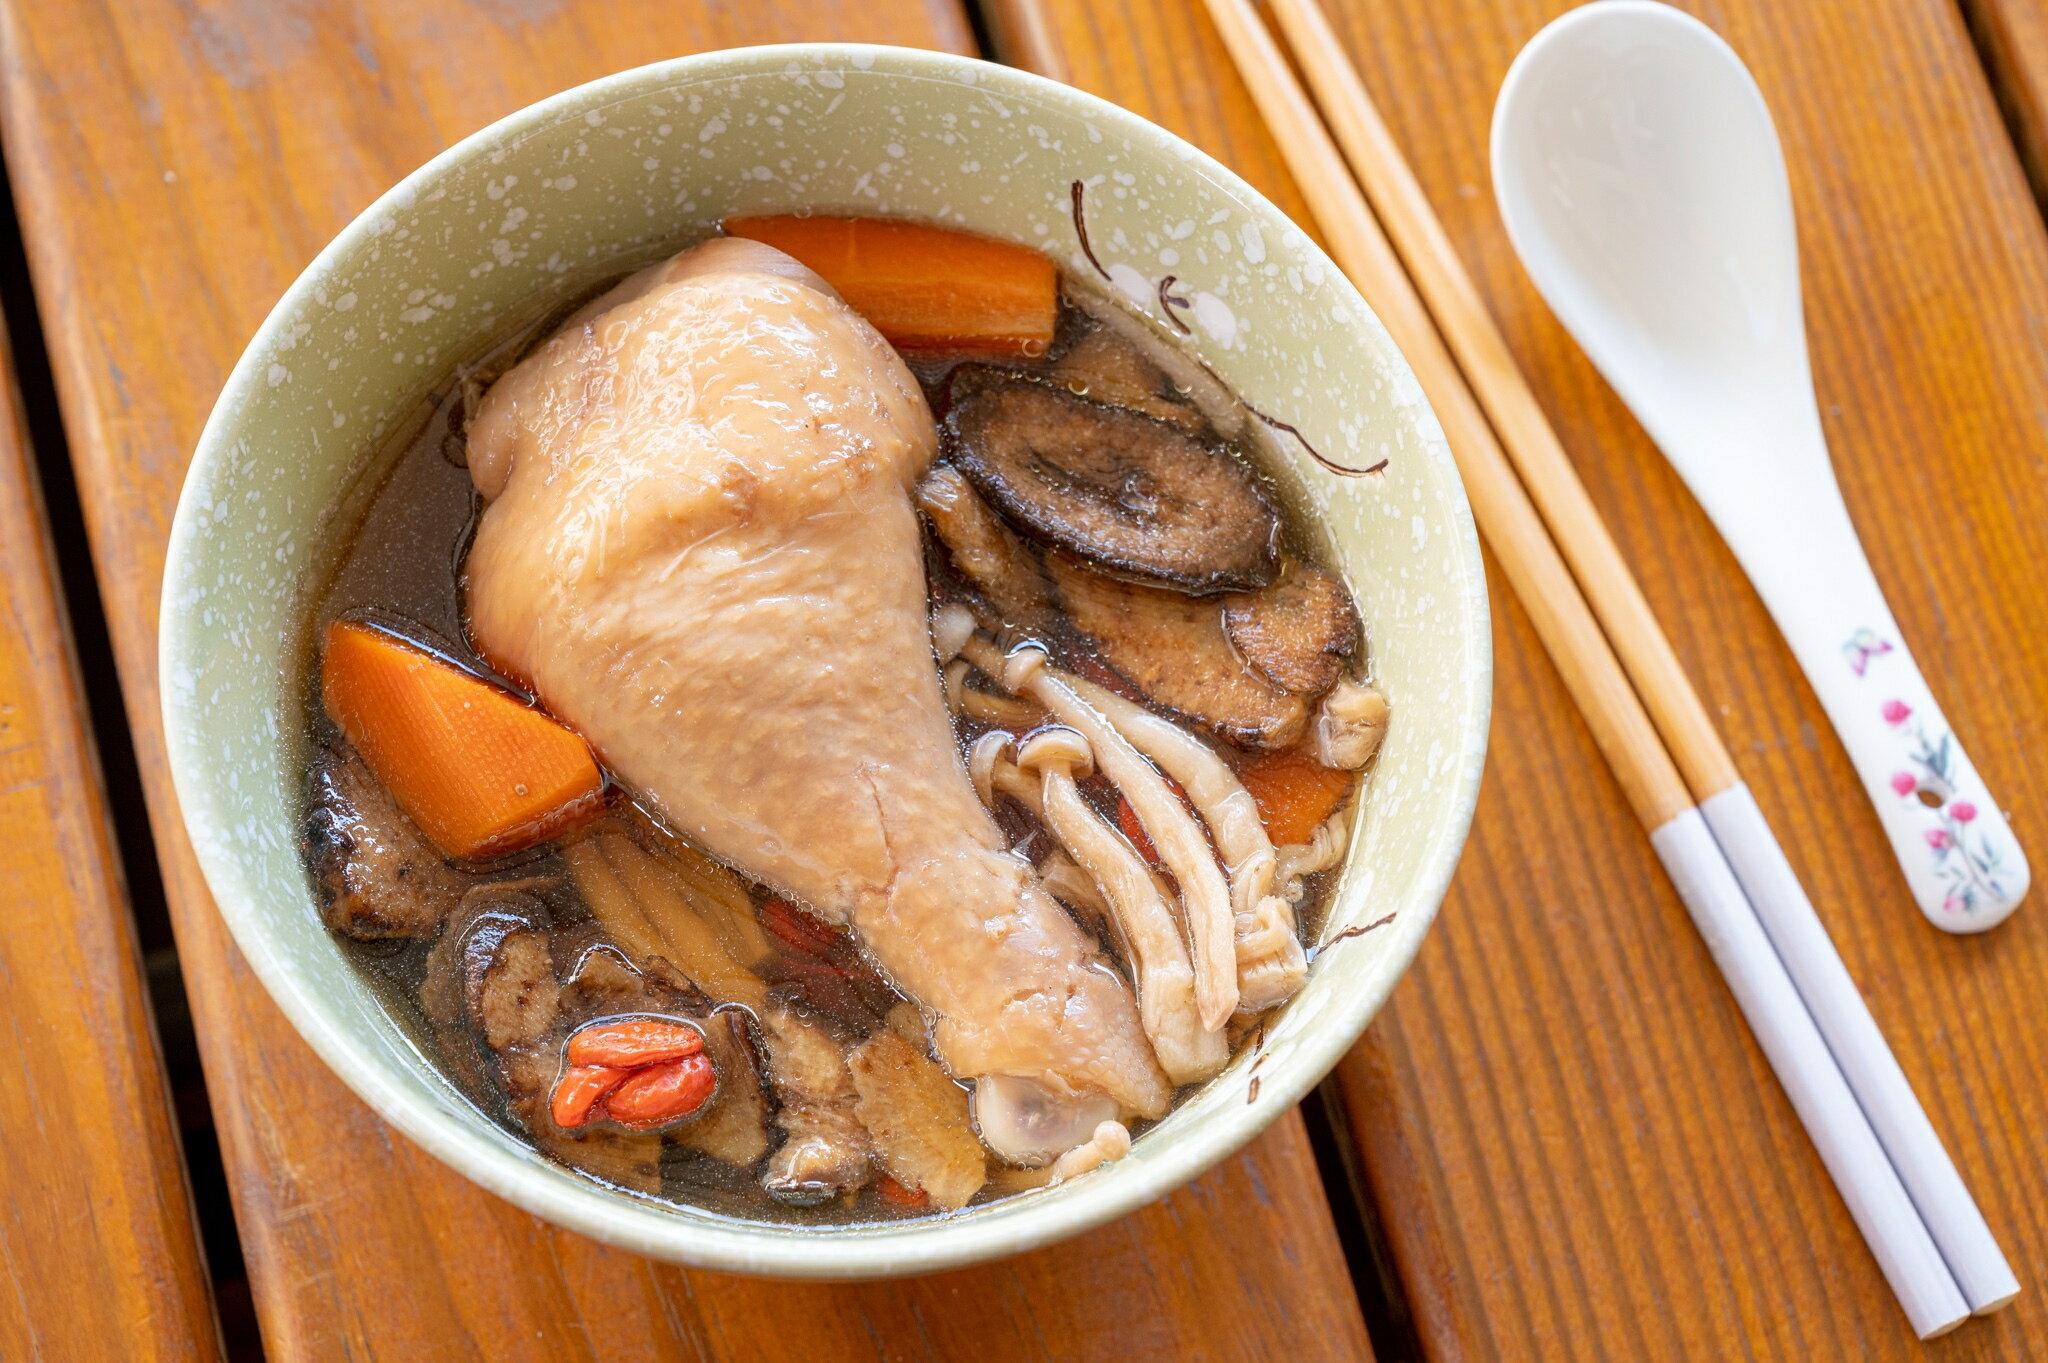 ★新品上市★ 單人份雞湯 : 牛蒡精靈菇雞湯 500g  10%